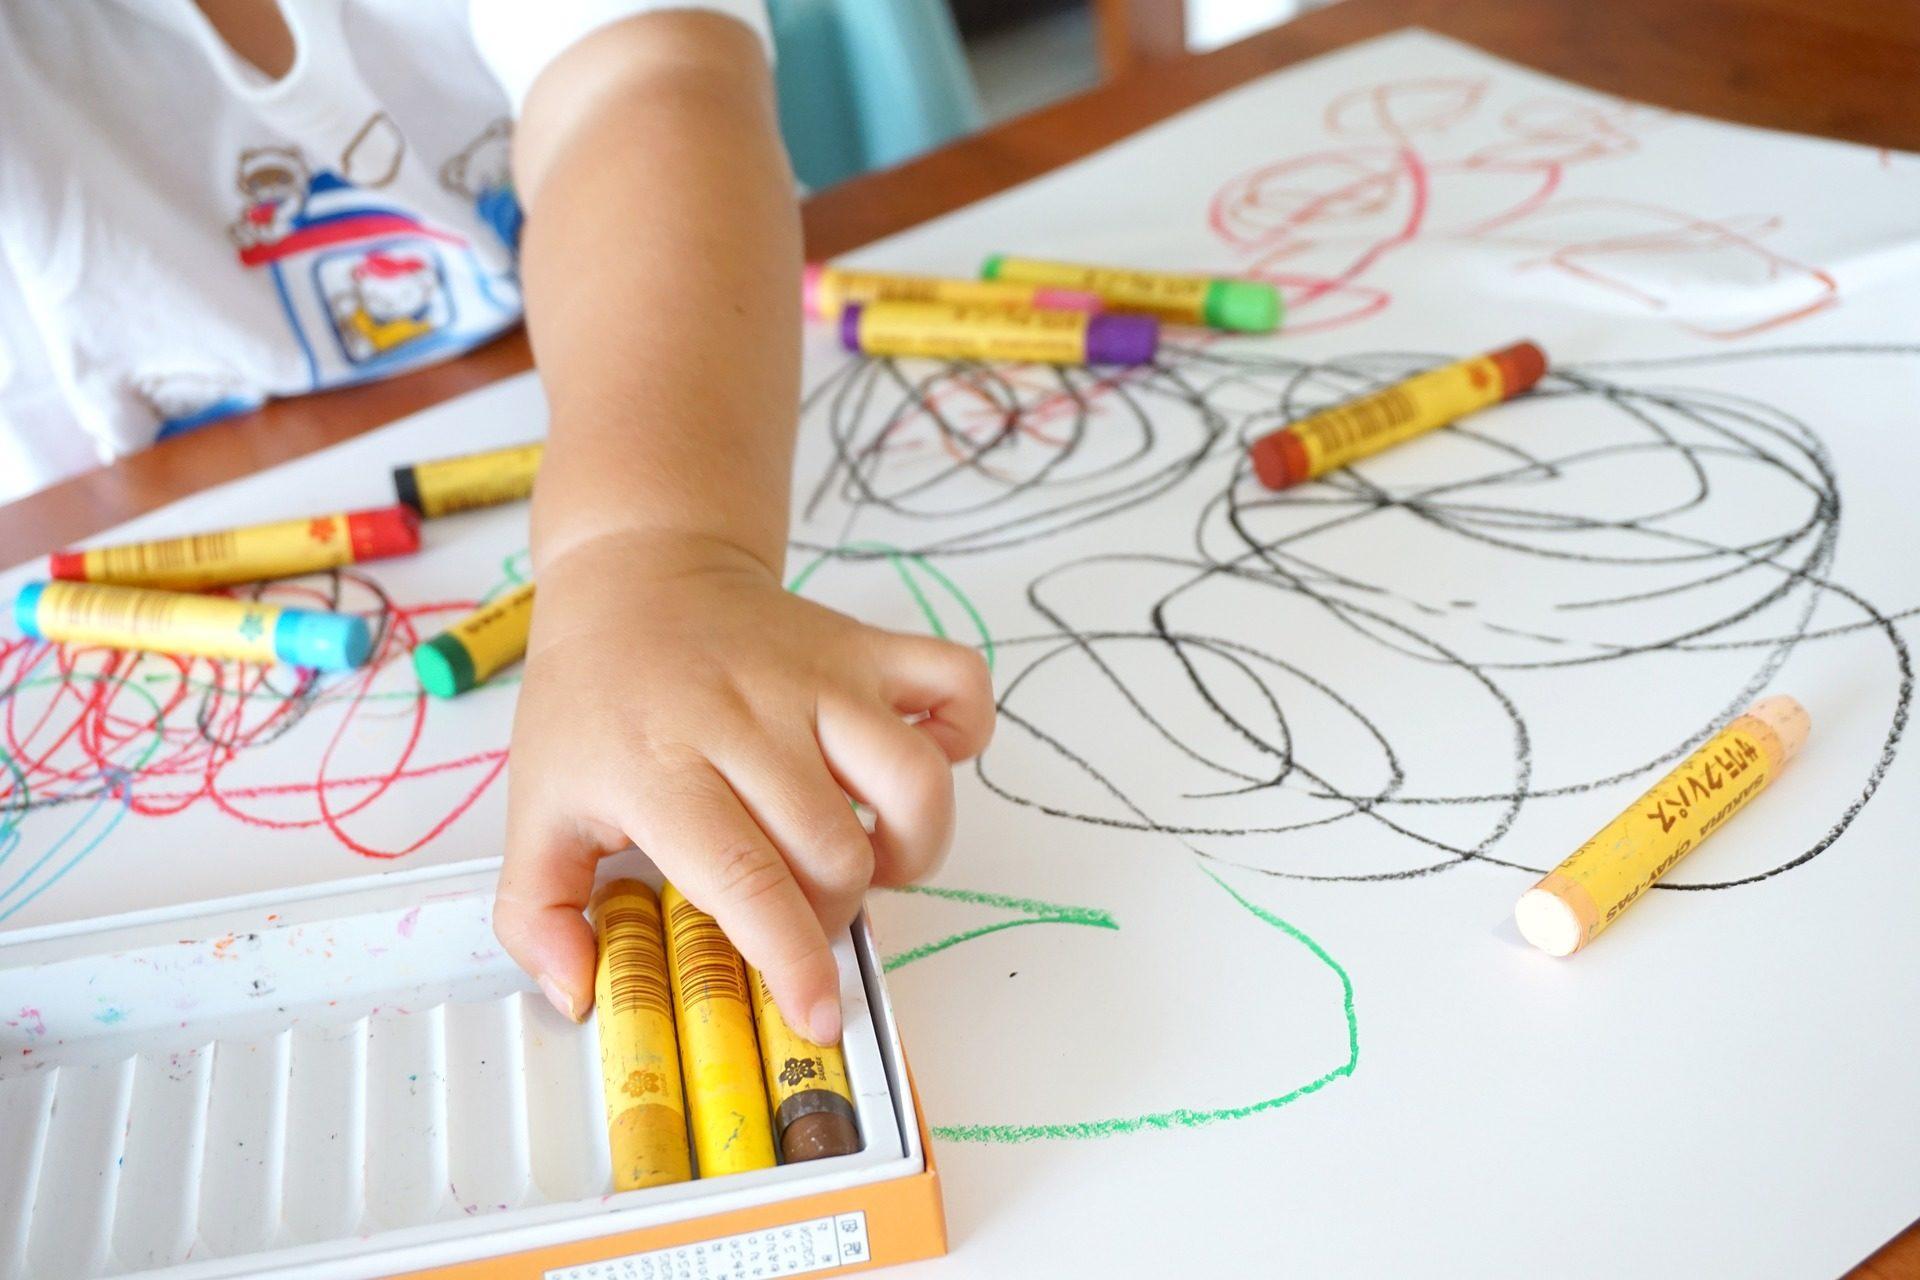 الألوان, لوحات, الرسم, اليد, الطفل, الشموع - خلفيات عالية الدقة - أستاذ falken.com